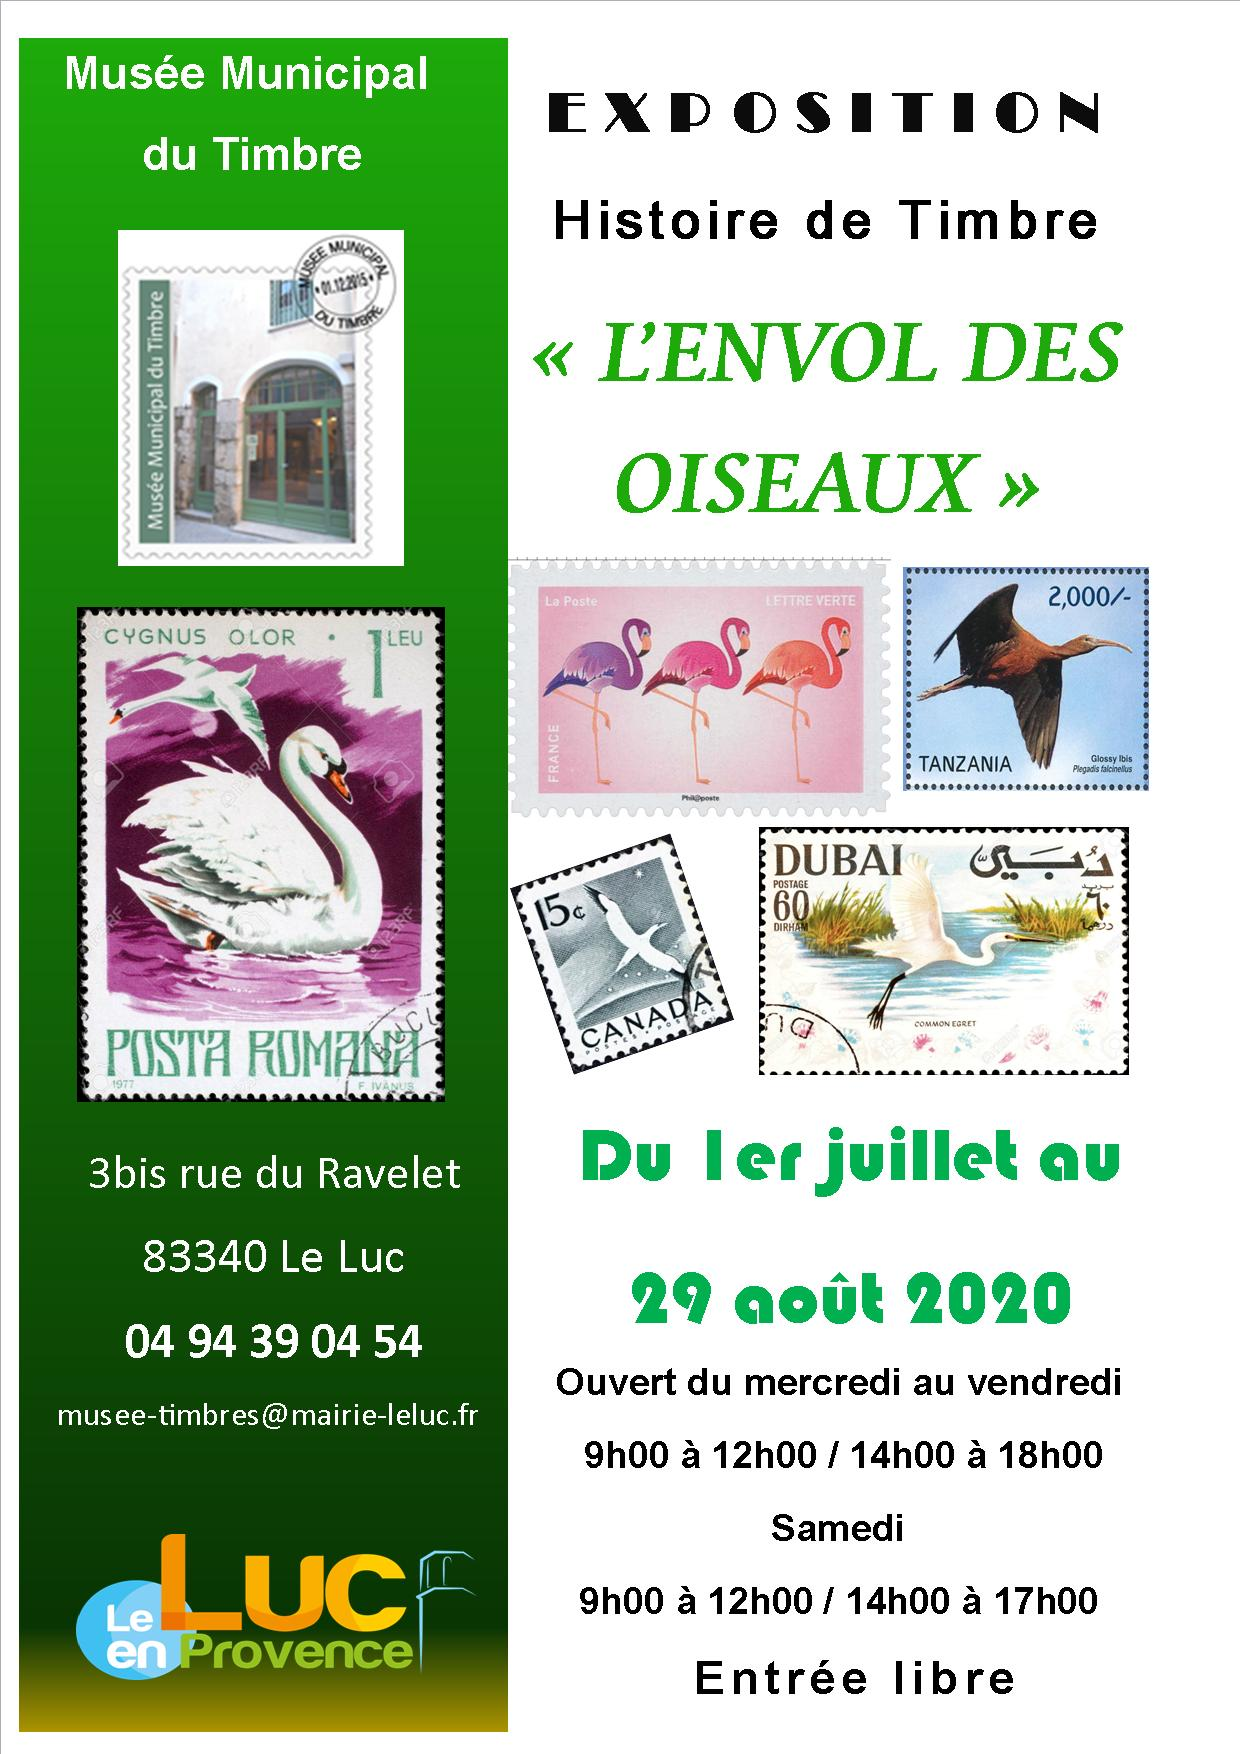 Du 1er juillet au 29 août, Exposition histoire de timbre « L'envol des oiseaux »